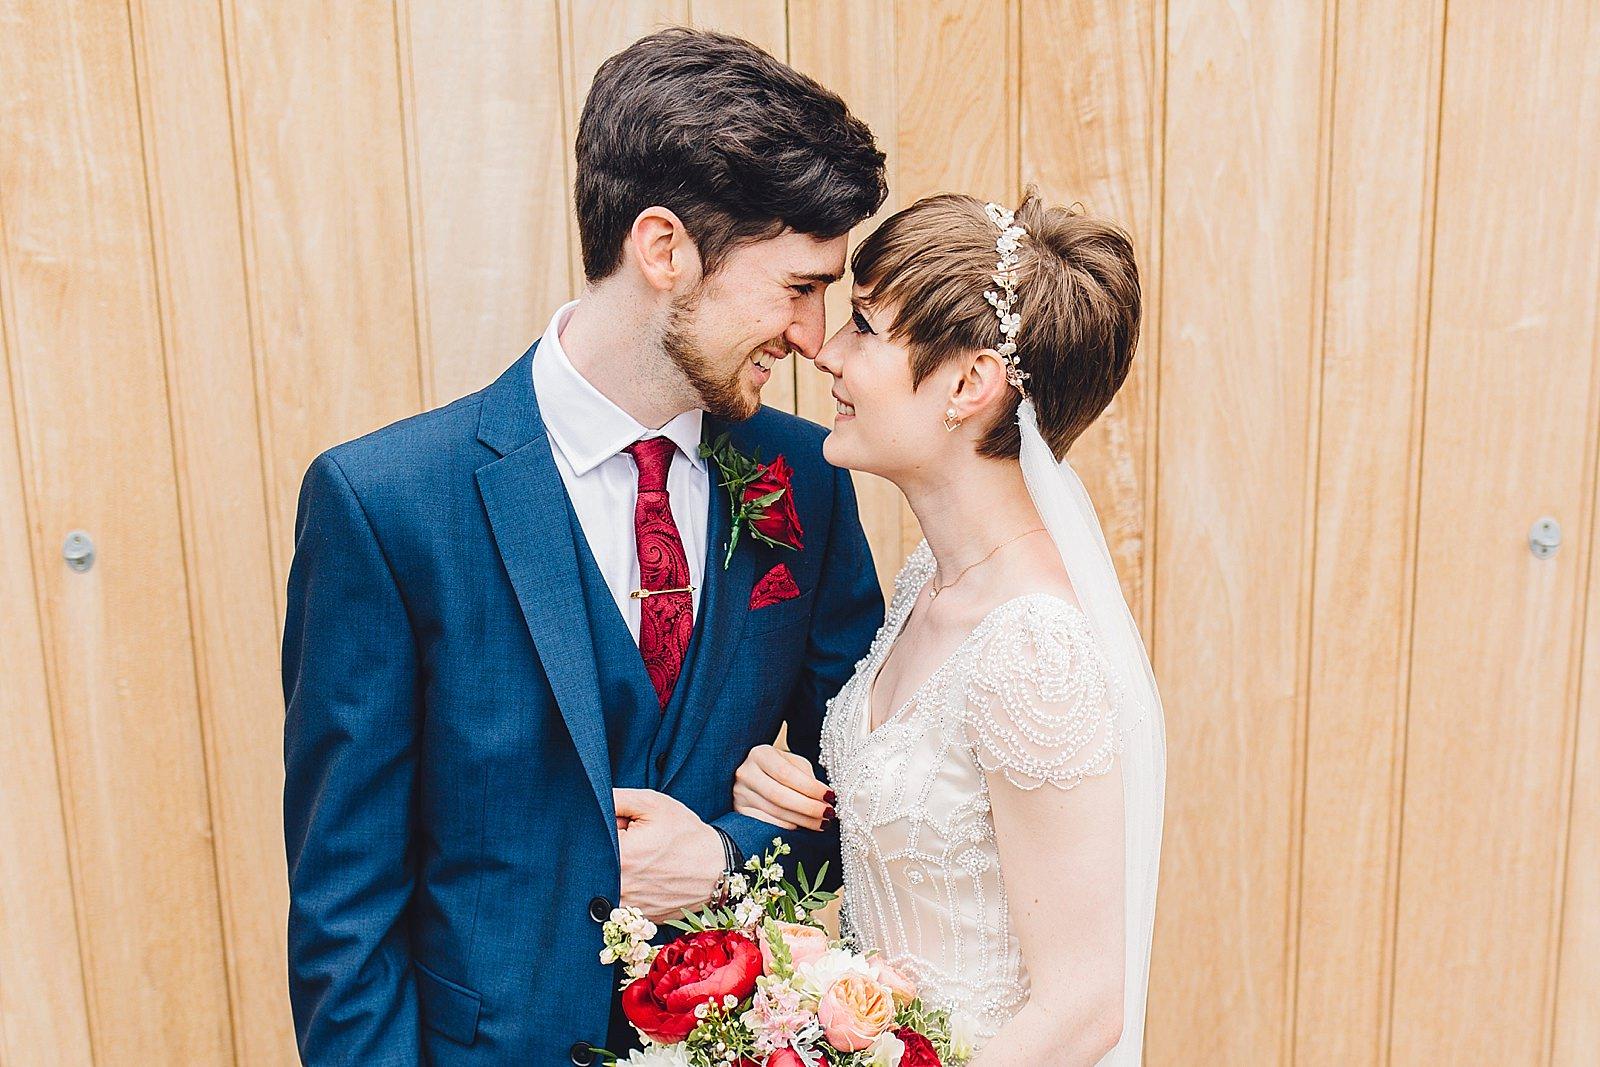 shustoke-barn-wedding-photography_0044